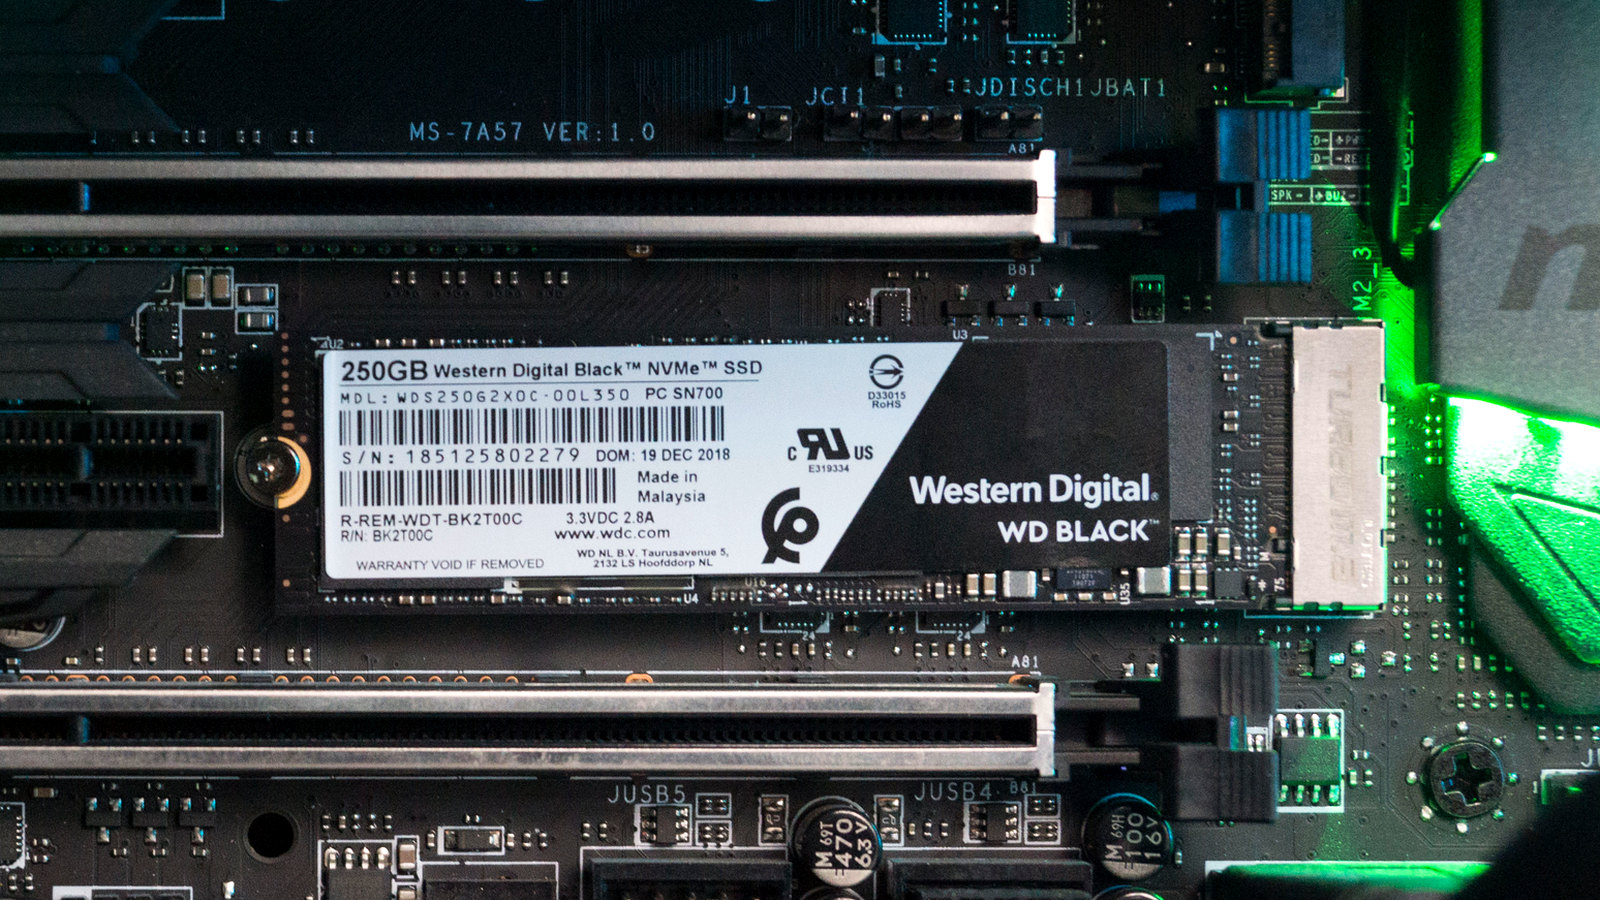 Обзор и тестирование накопителя WD Black NVMe SSD объемом 250 ГБ